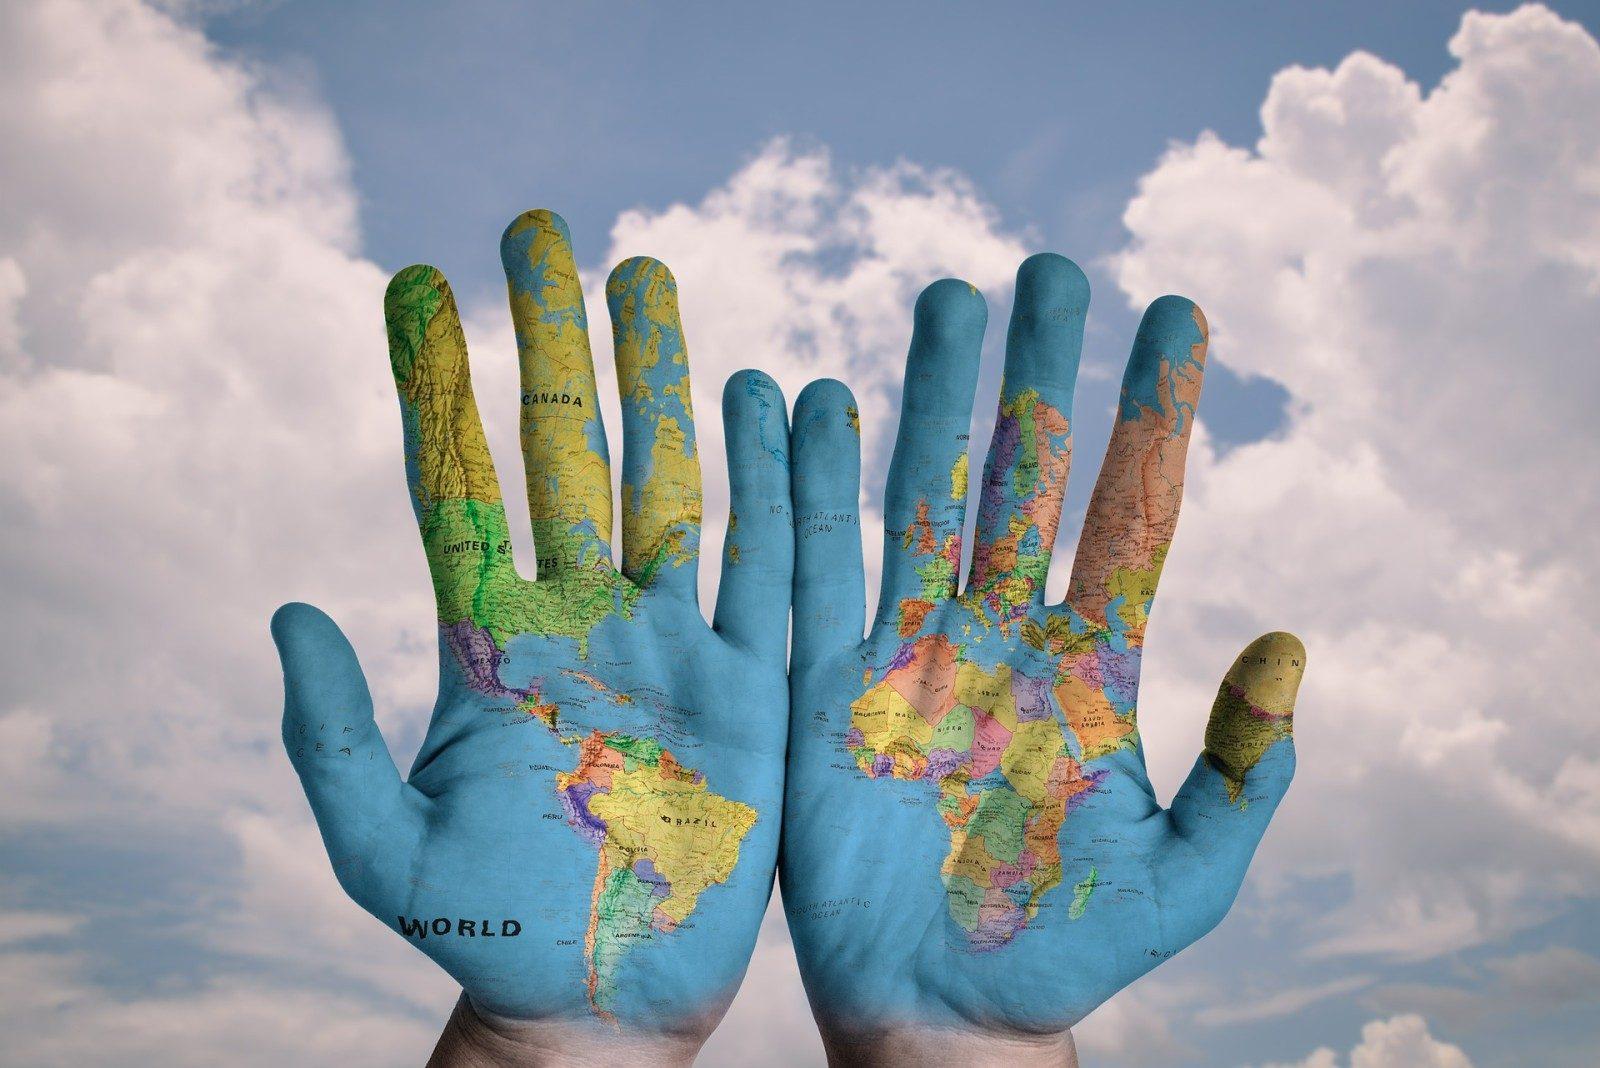 Solidarité : de nouvelles collectes pour la Syrie organisées à Metz et en Moselle